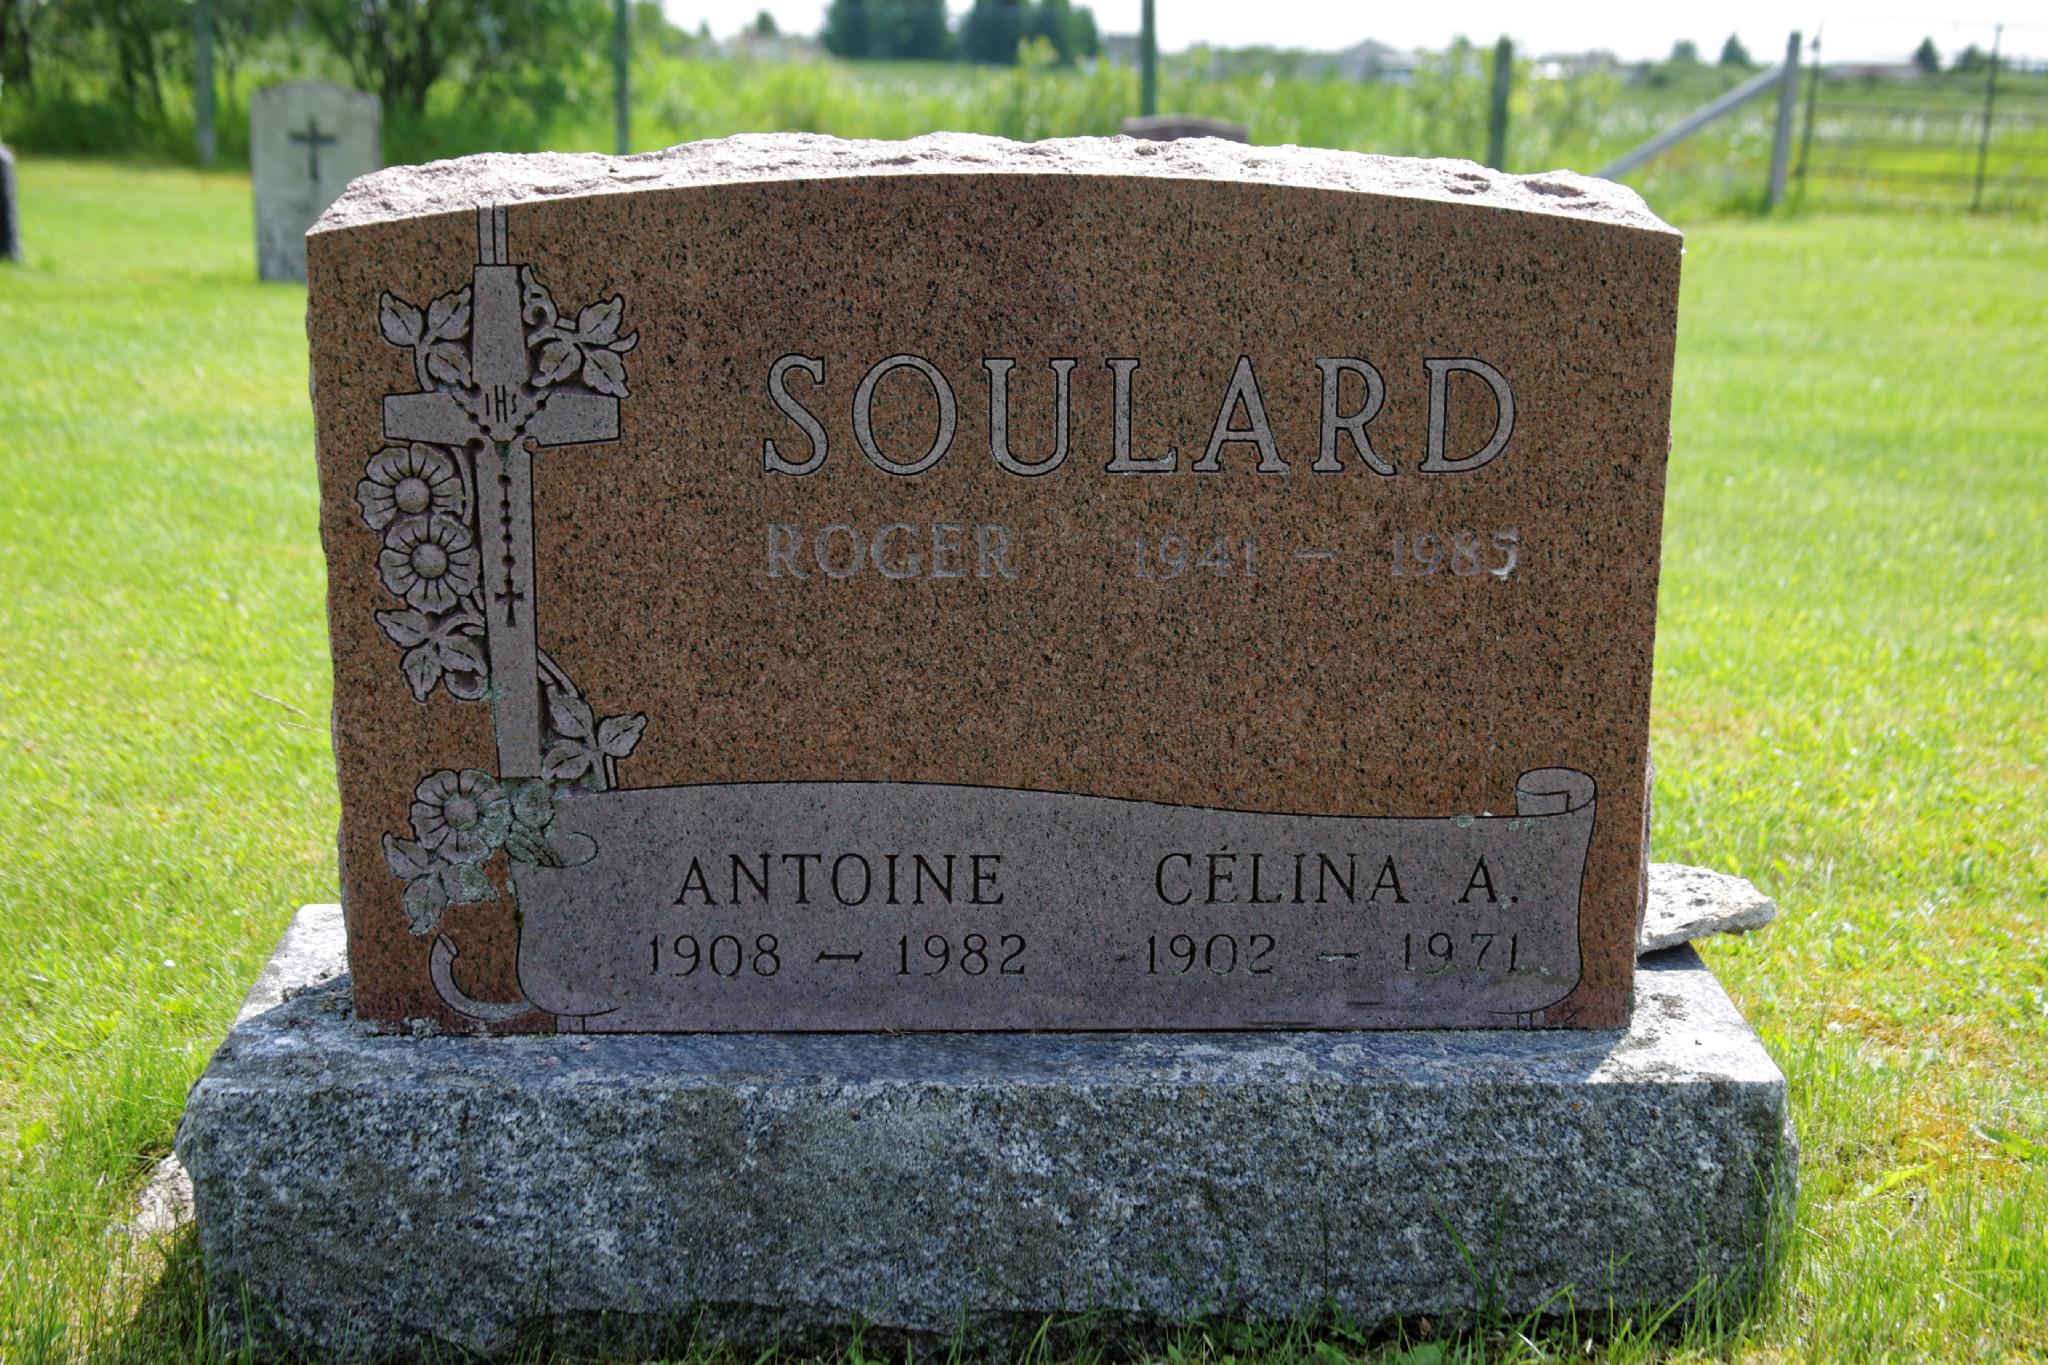 Antoine Soulard